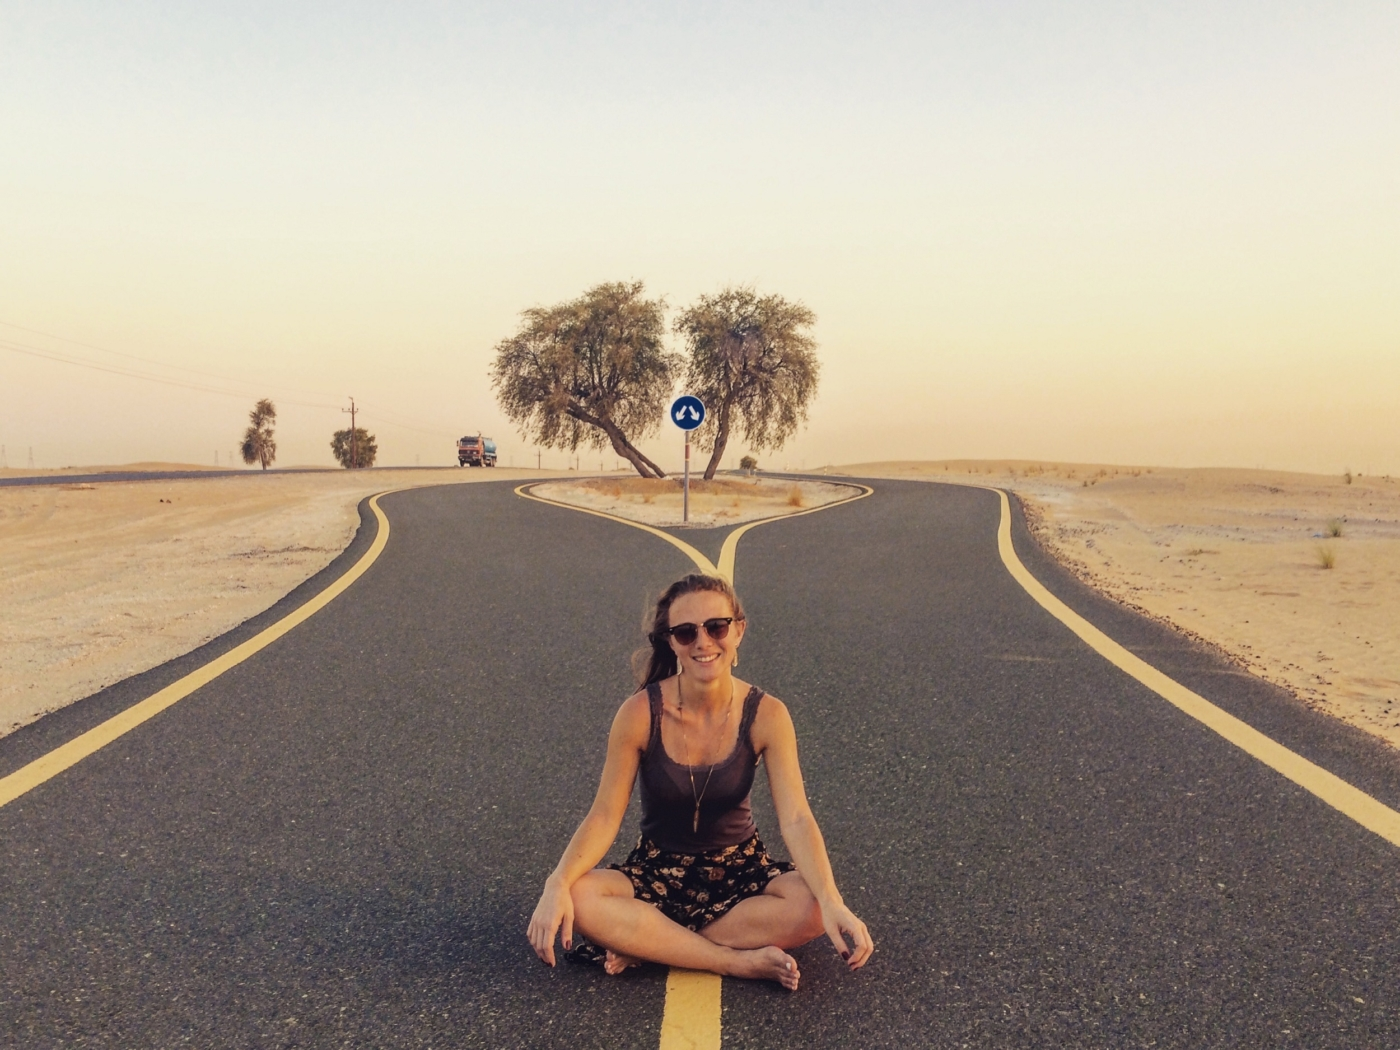 """Depois de anos se achando uma pessoa comum, Letícia Mello conta como descobriu seu potencial de fazer """"coisas extraordinárias"""", após uma viagem de voluntariado pela Ásia que resultou em um livro e em um documentário."""